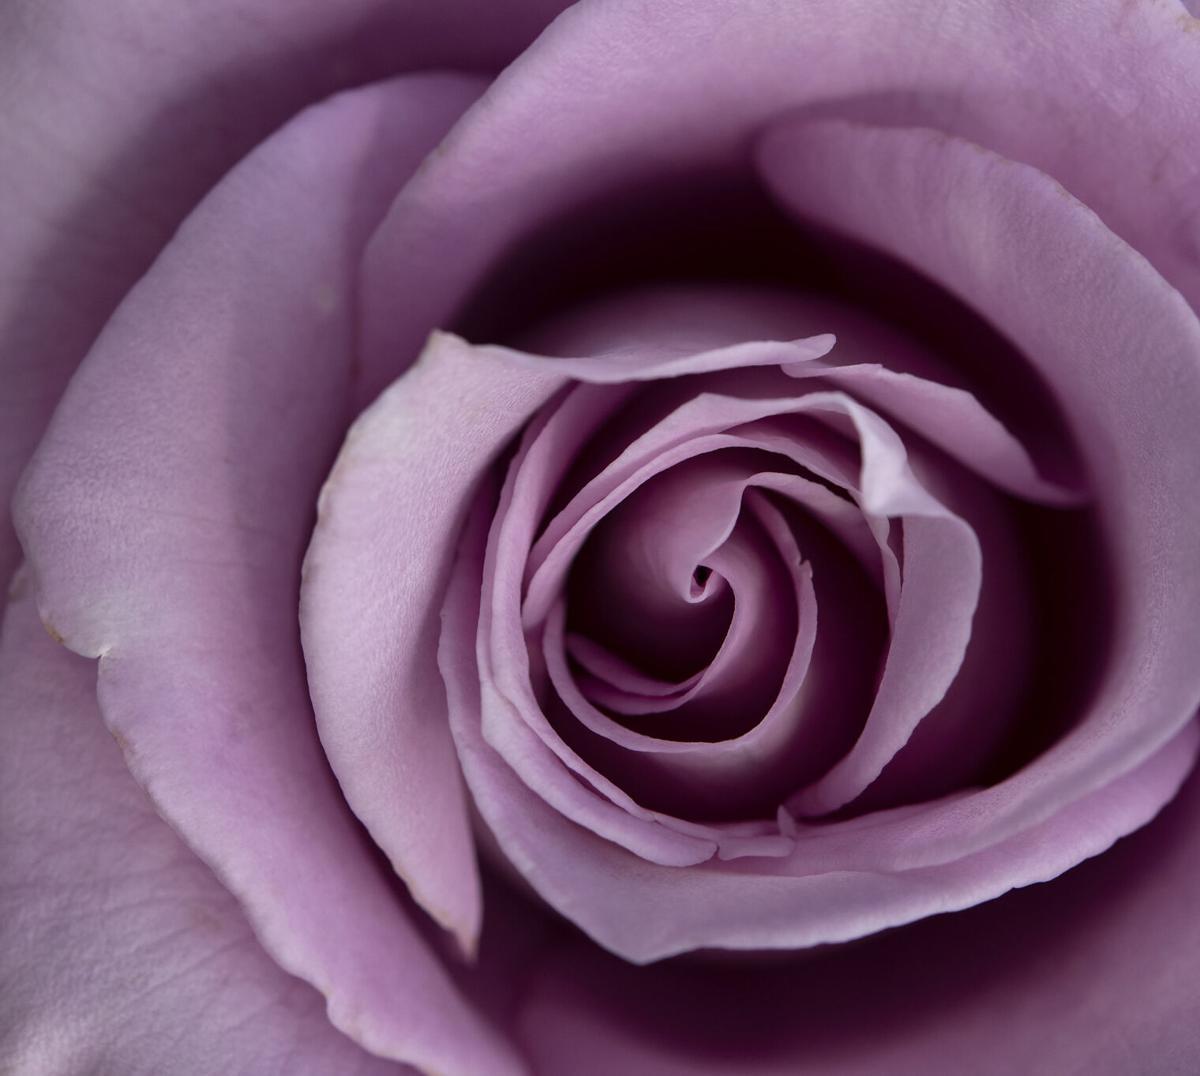 SMIL_20190430_Rose_Garden_10.jpg